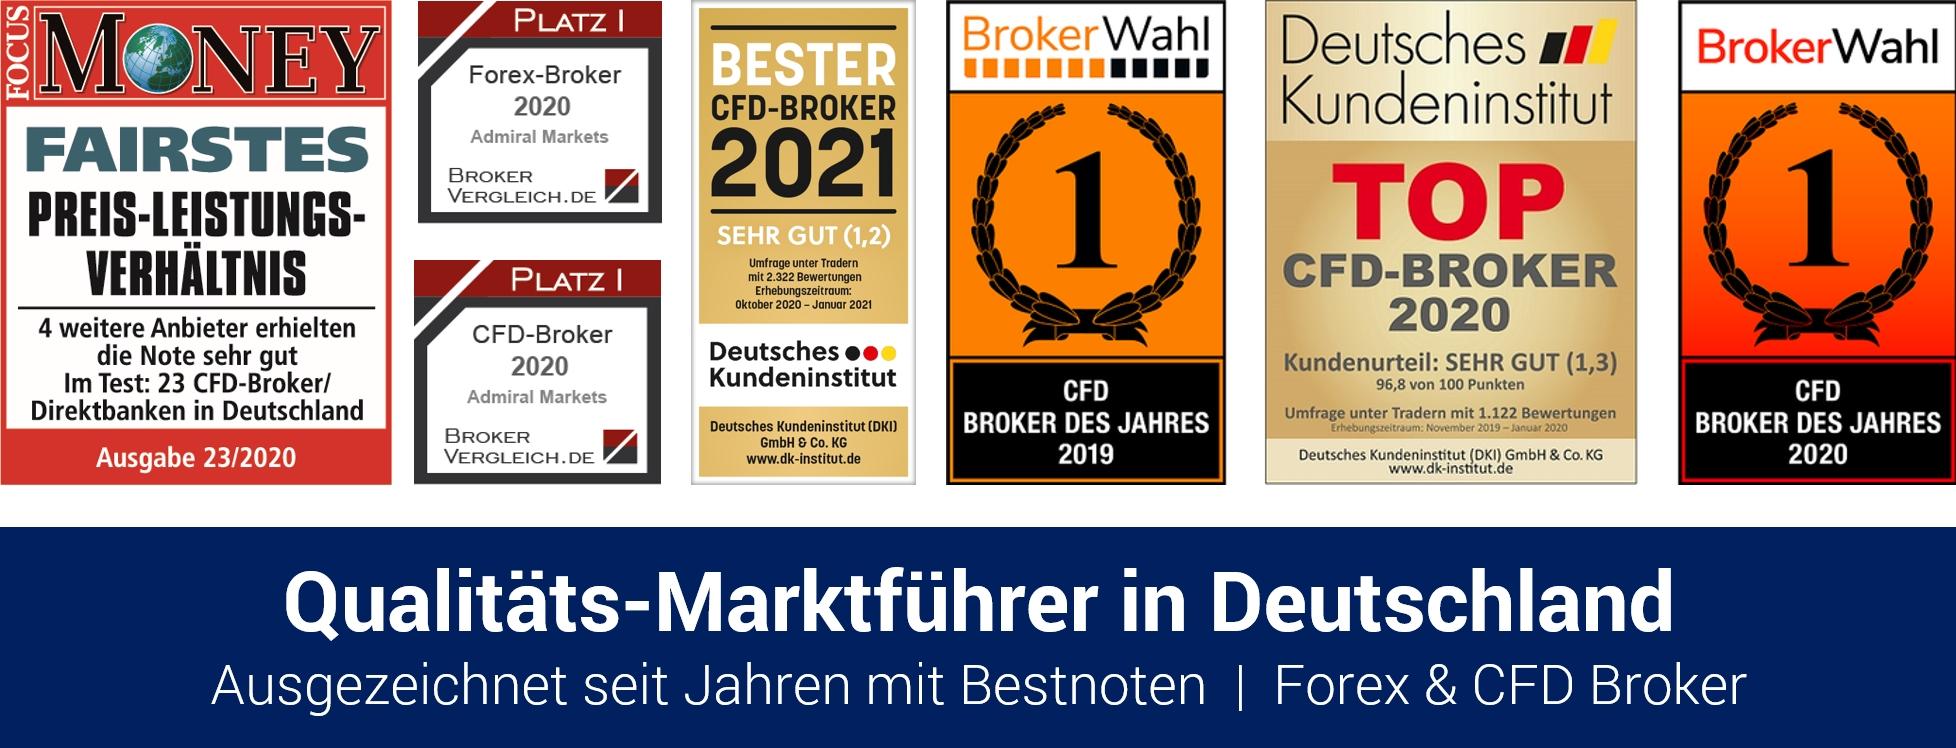 Daytrading-mit-Jochen-Schmidt-Analyse-Markttechnik-Forex-CFD-Aktien-Rohstoffe-23-02-2021-Jens-Chrzanowski-GodmodeTrader.de-2